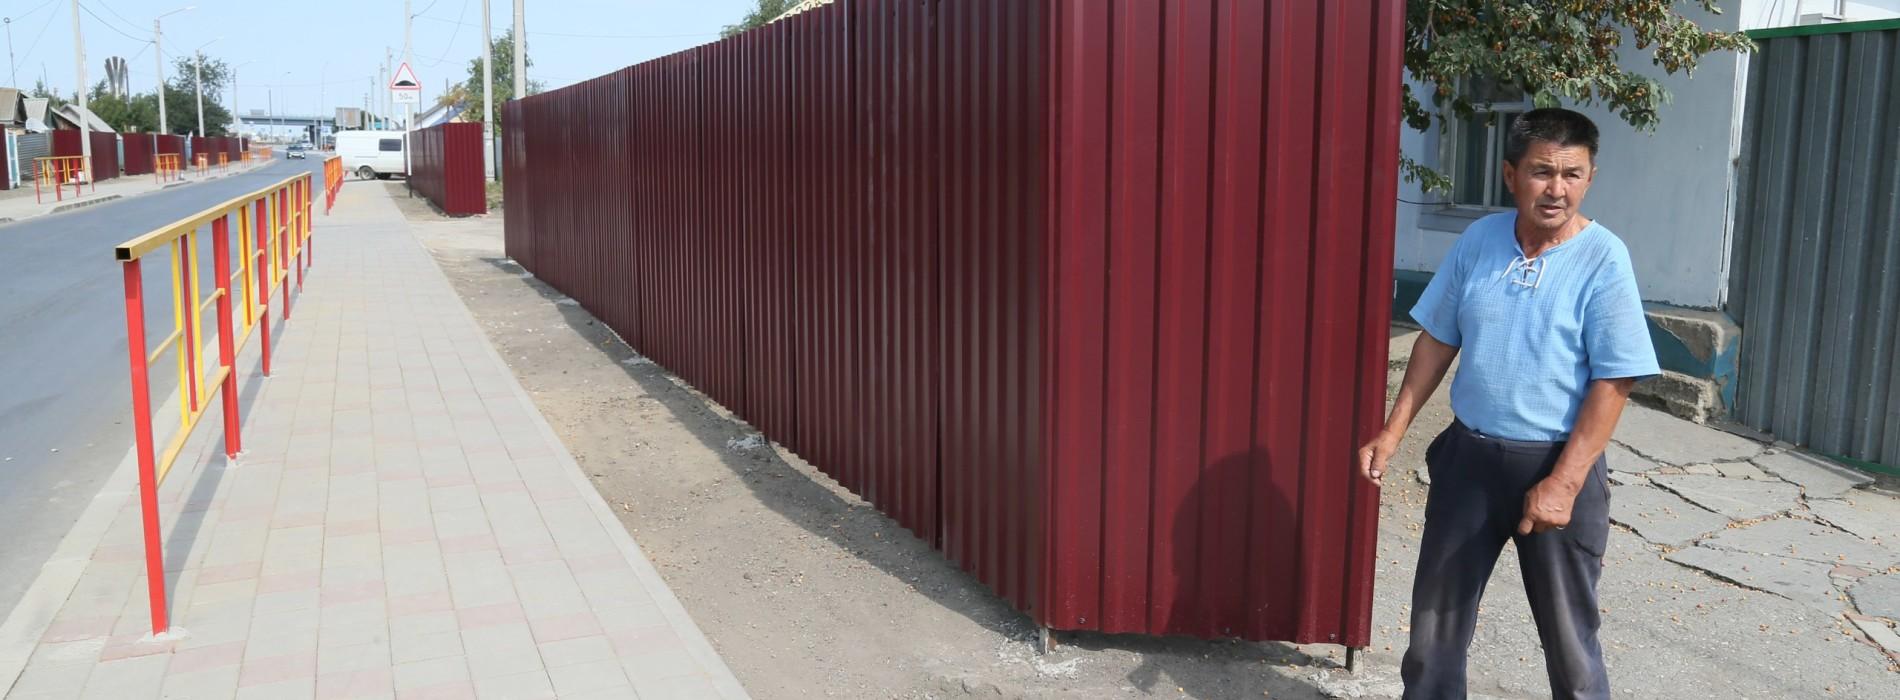 Забор для закрытия домов